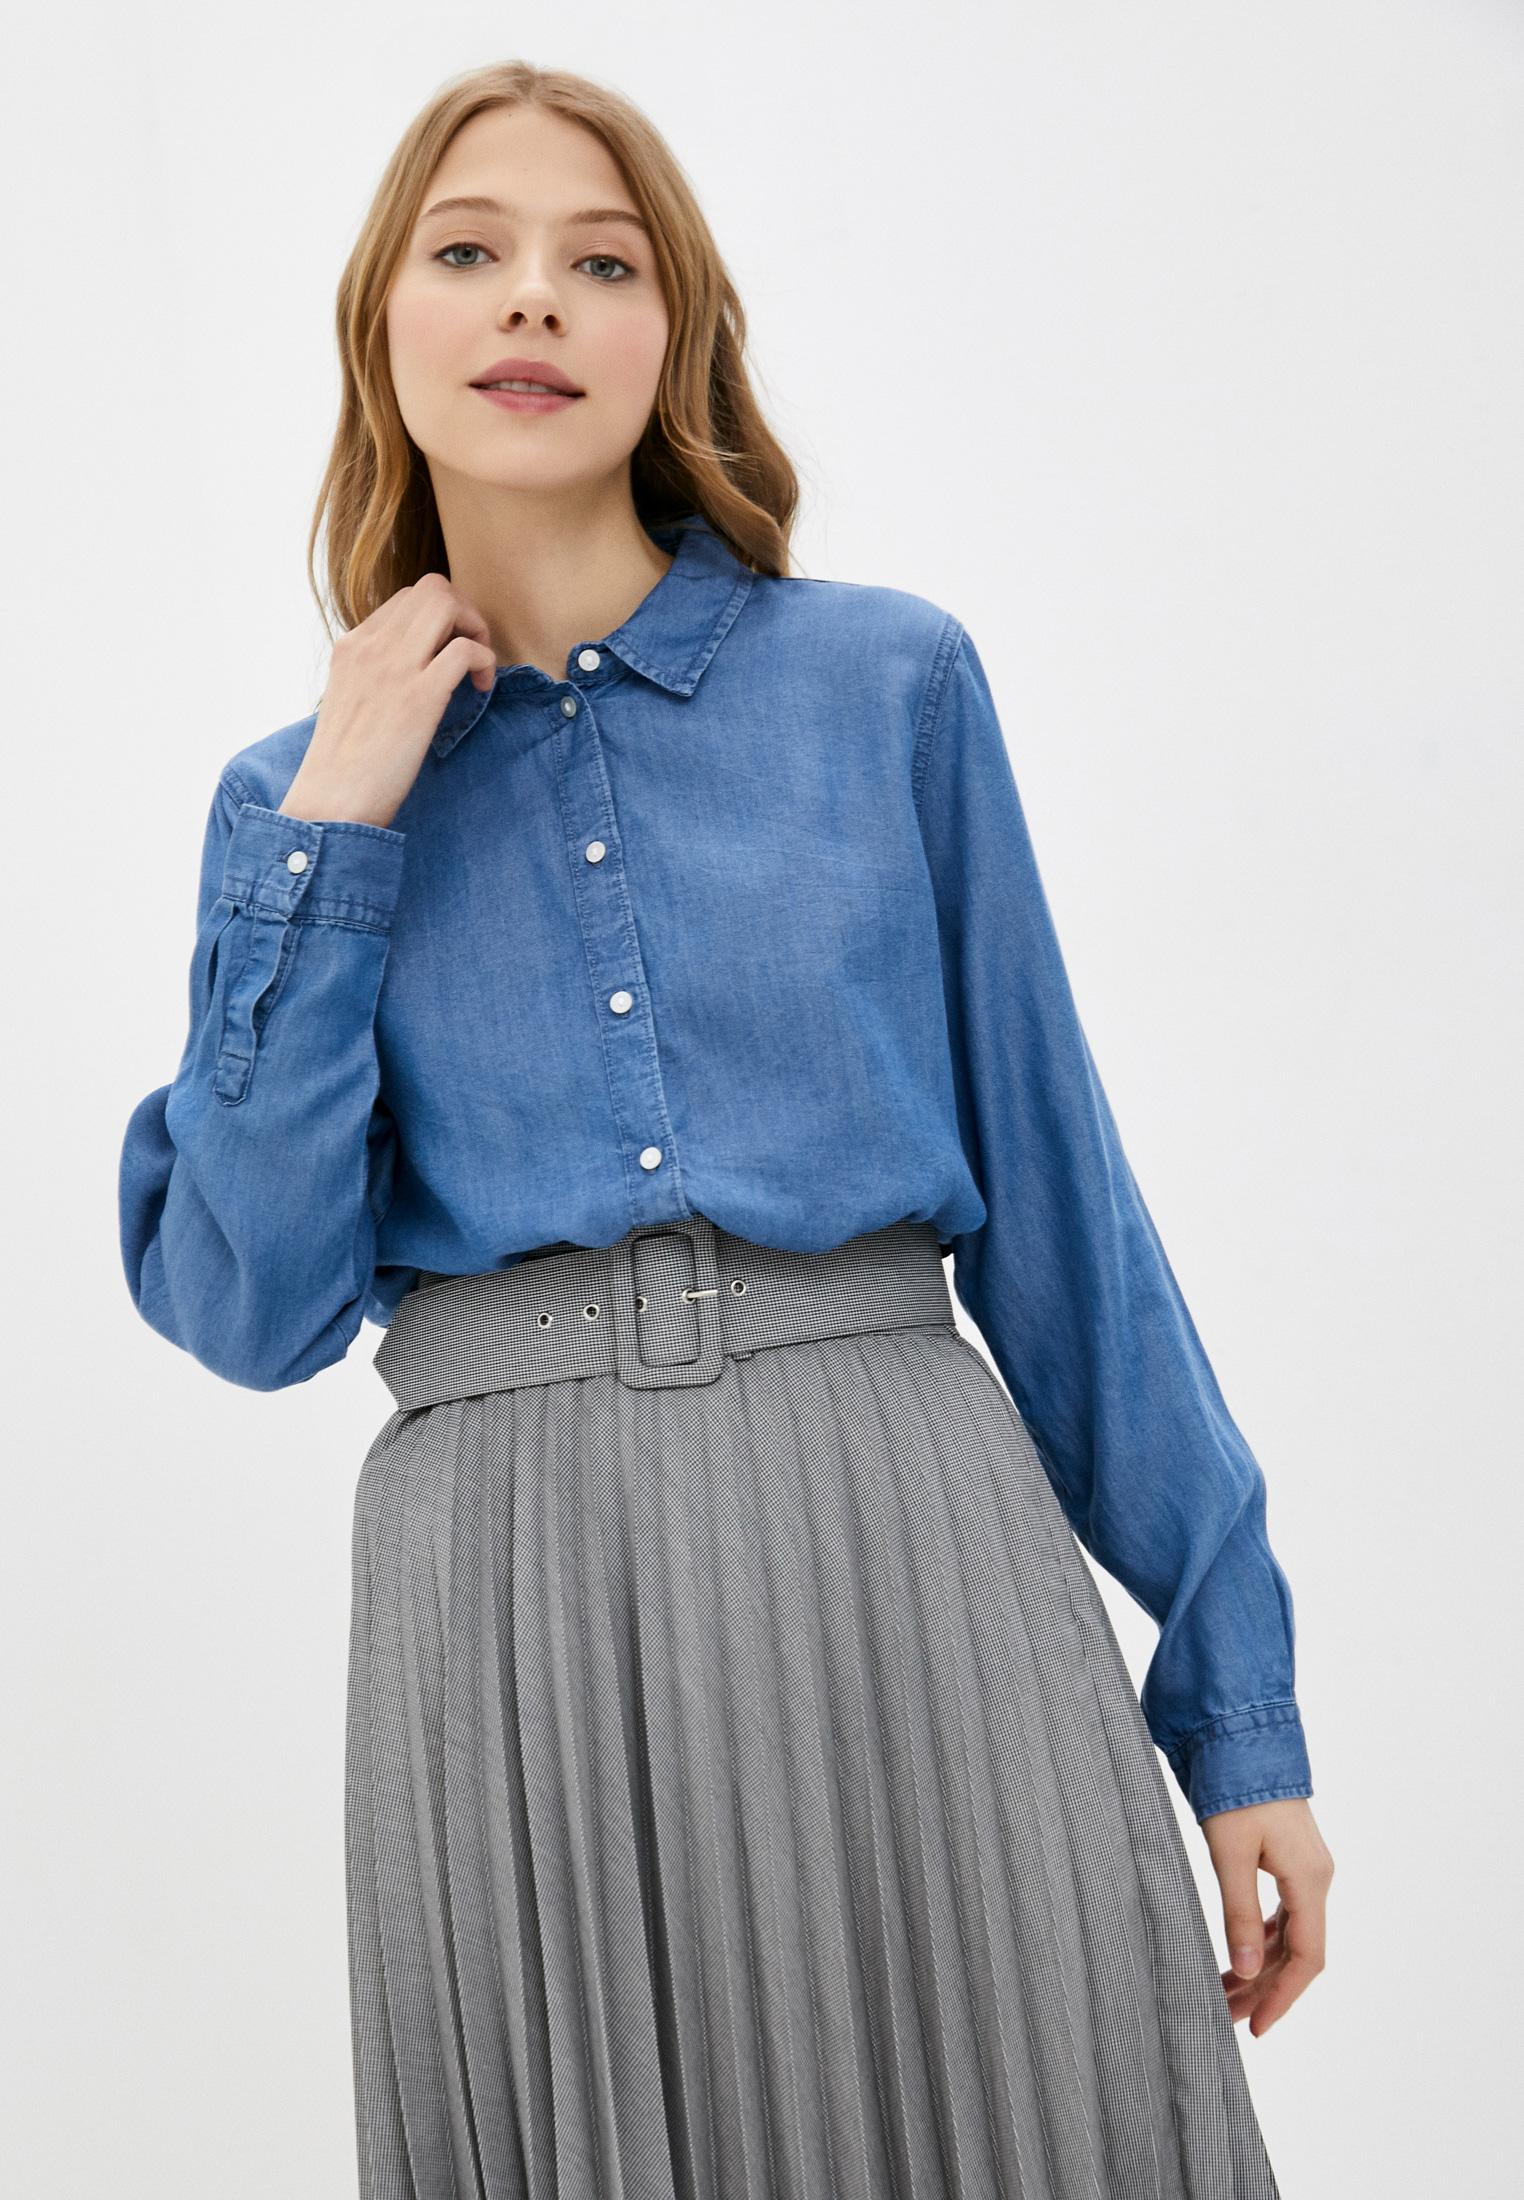 Женские рубашки с длинным рукавом Jacqueline de Yong Рубашка Jacqueline de Yong